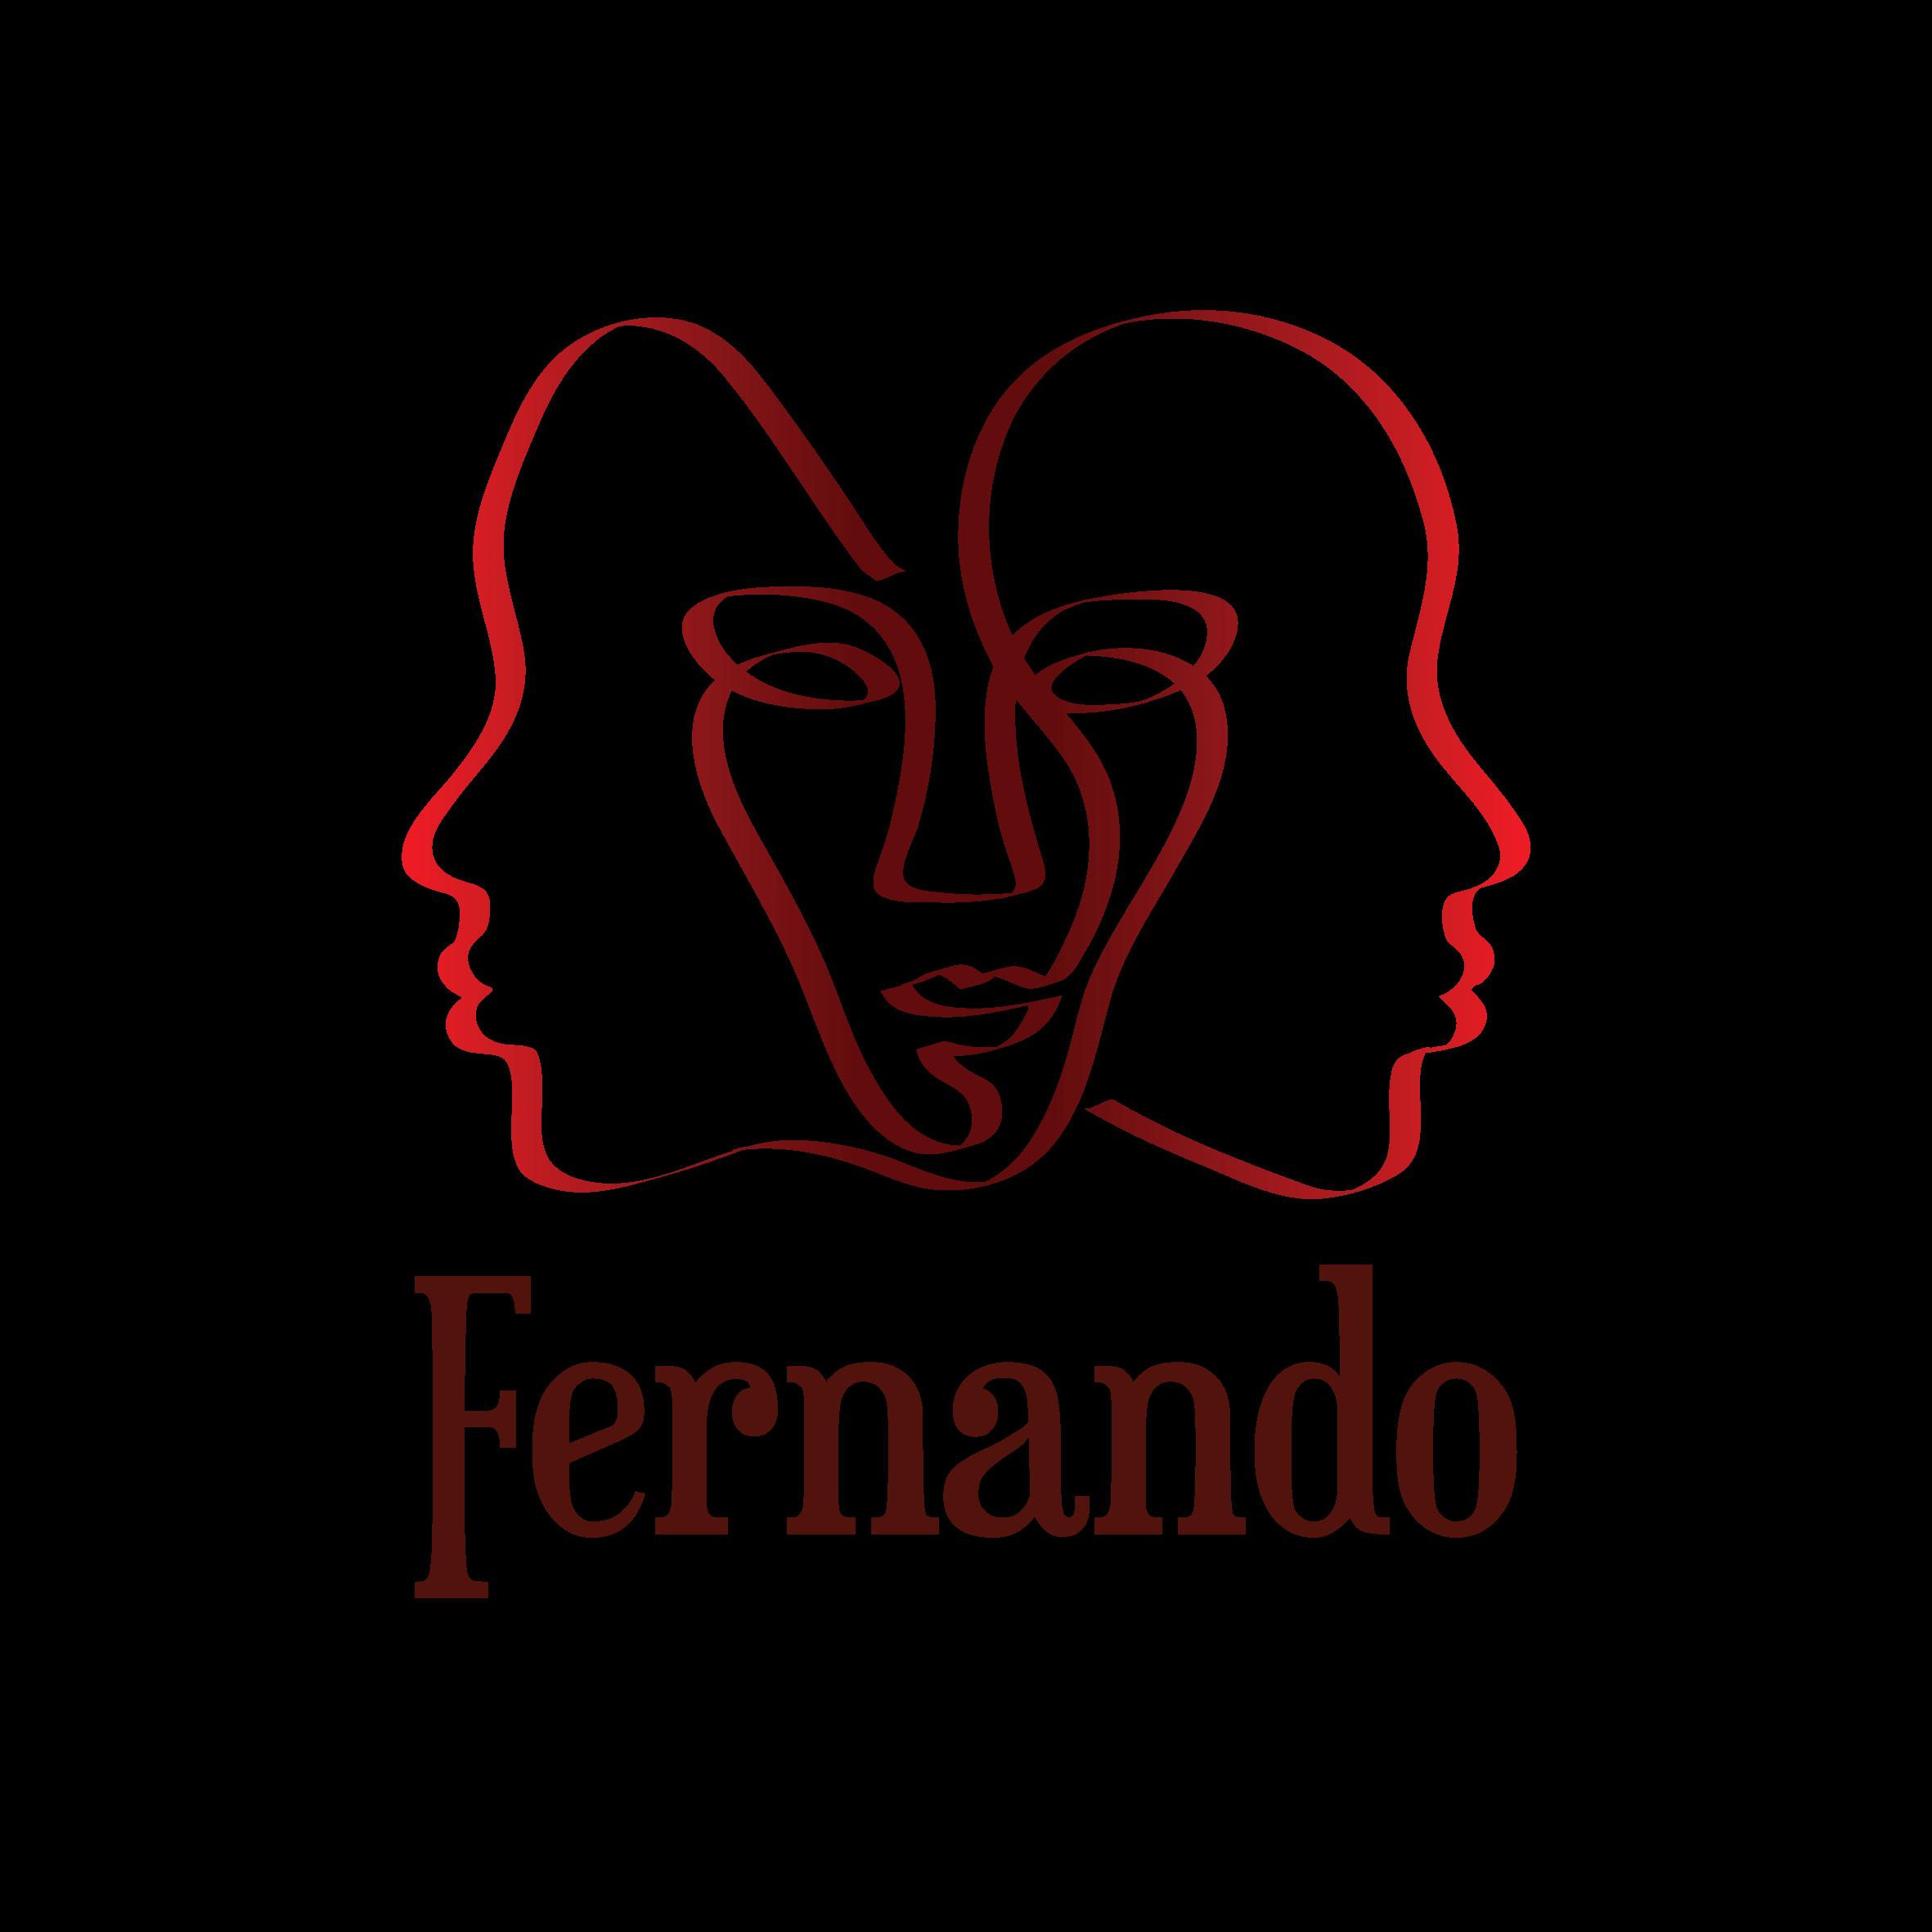 Fernando Tarot Reading